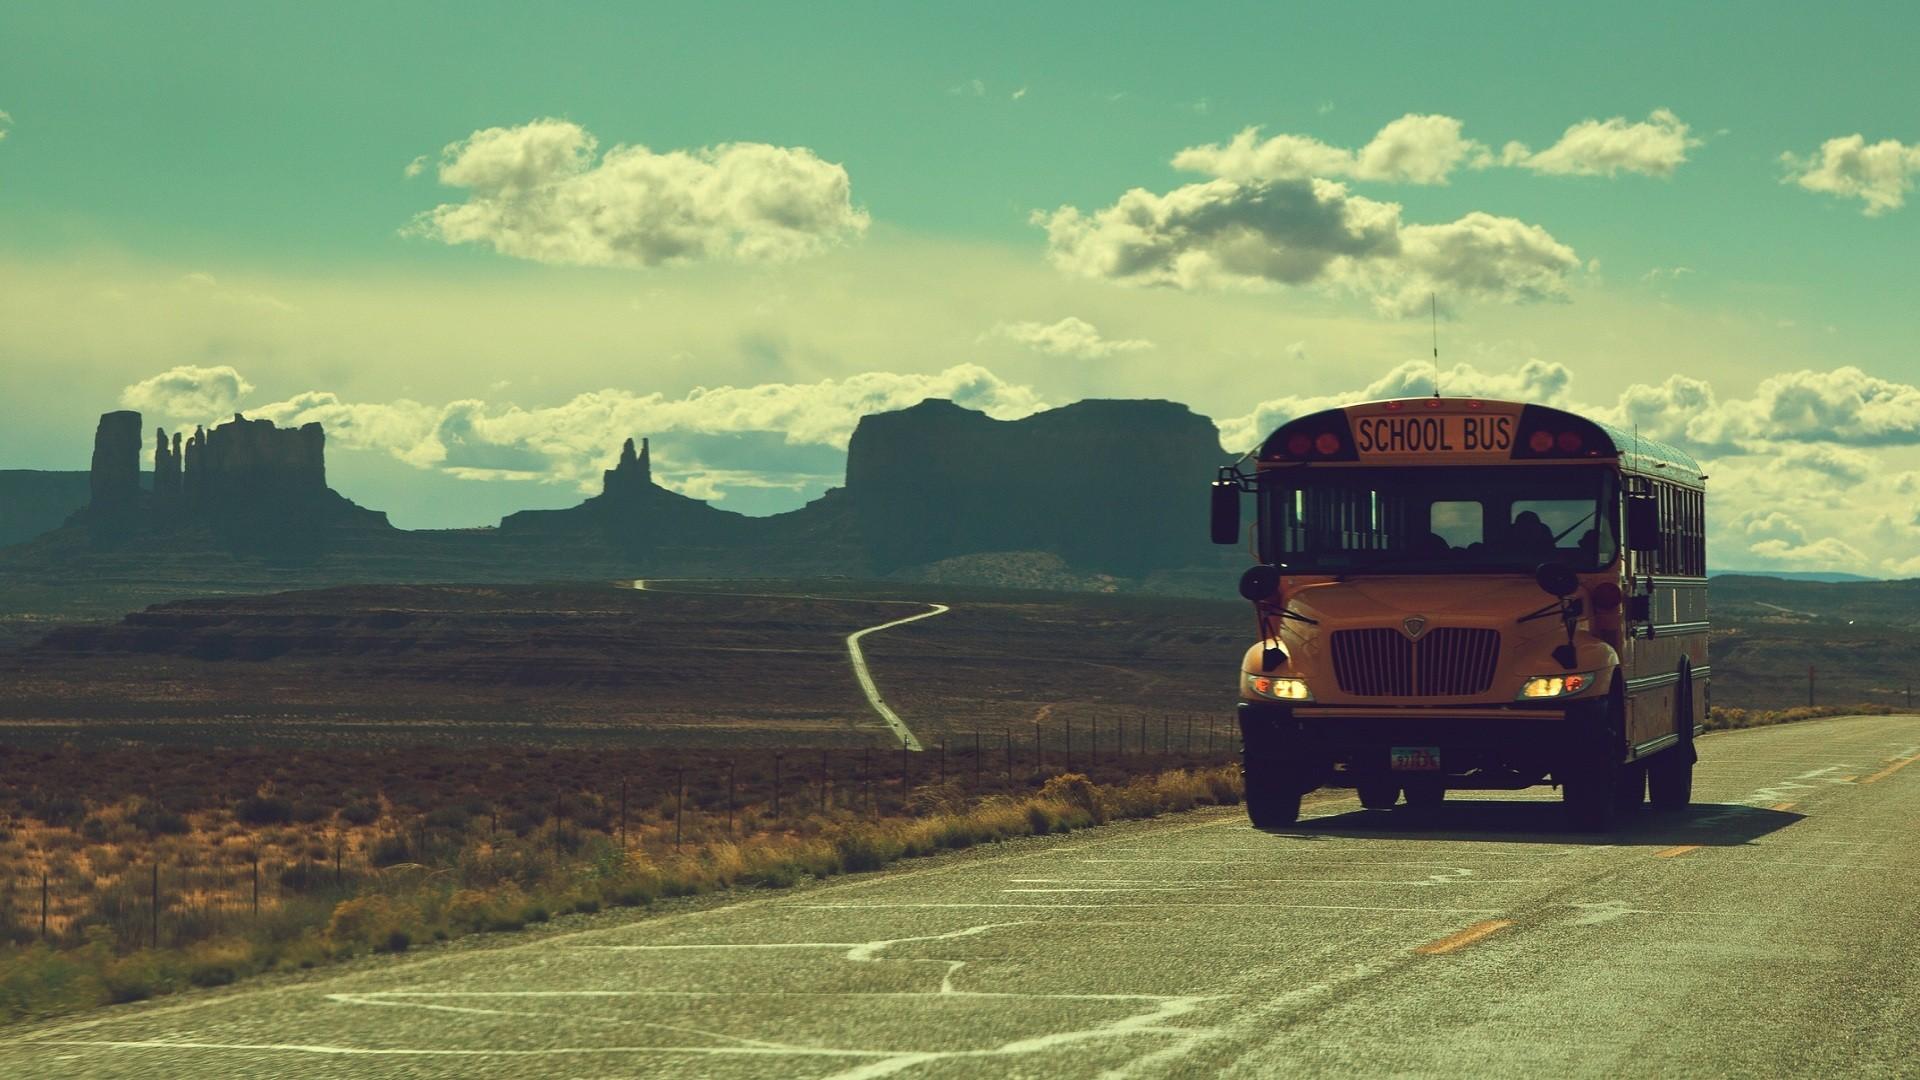 Vehicles   School Bus Wallpaper 1920x1080